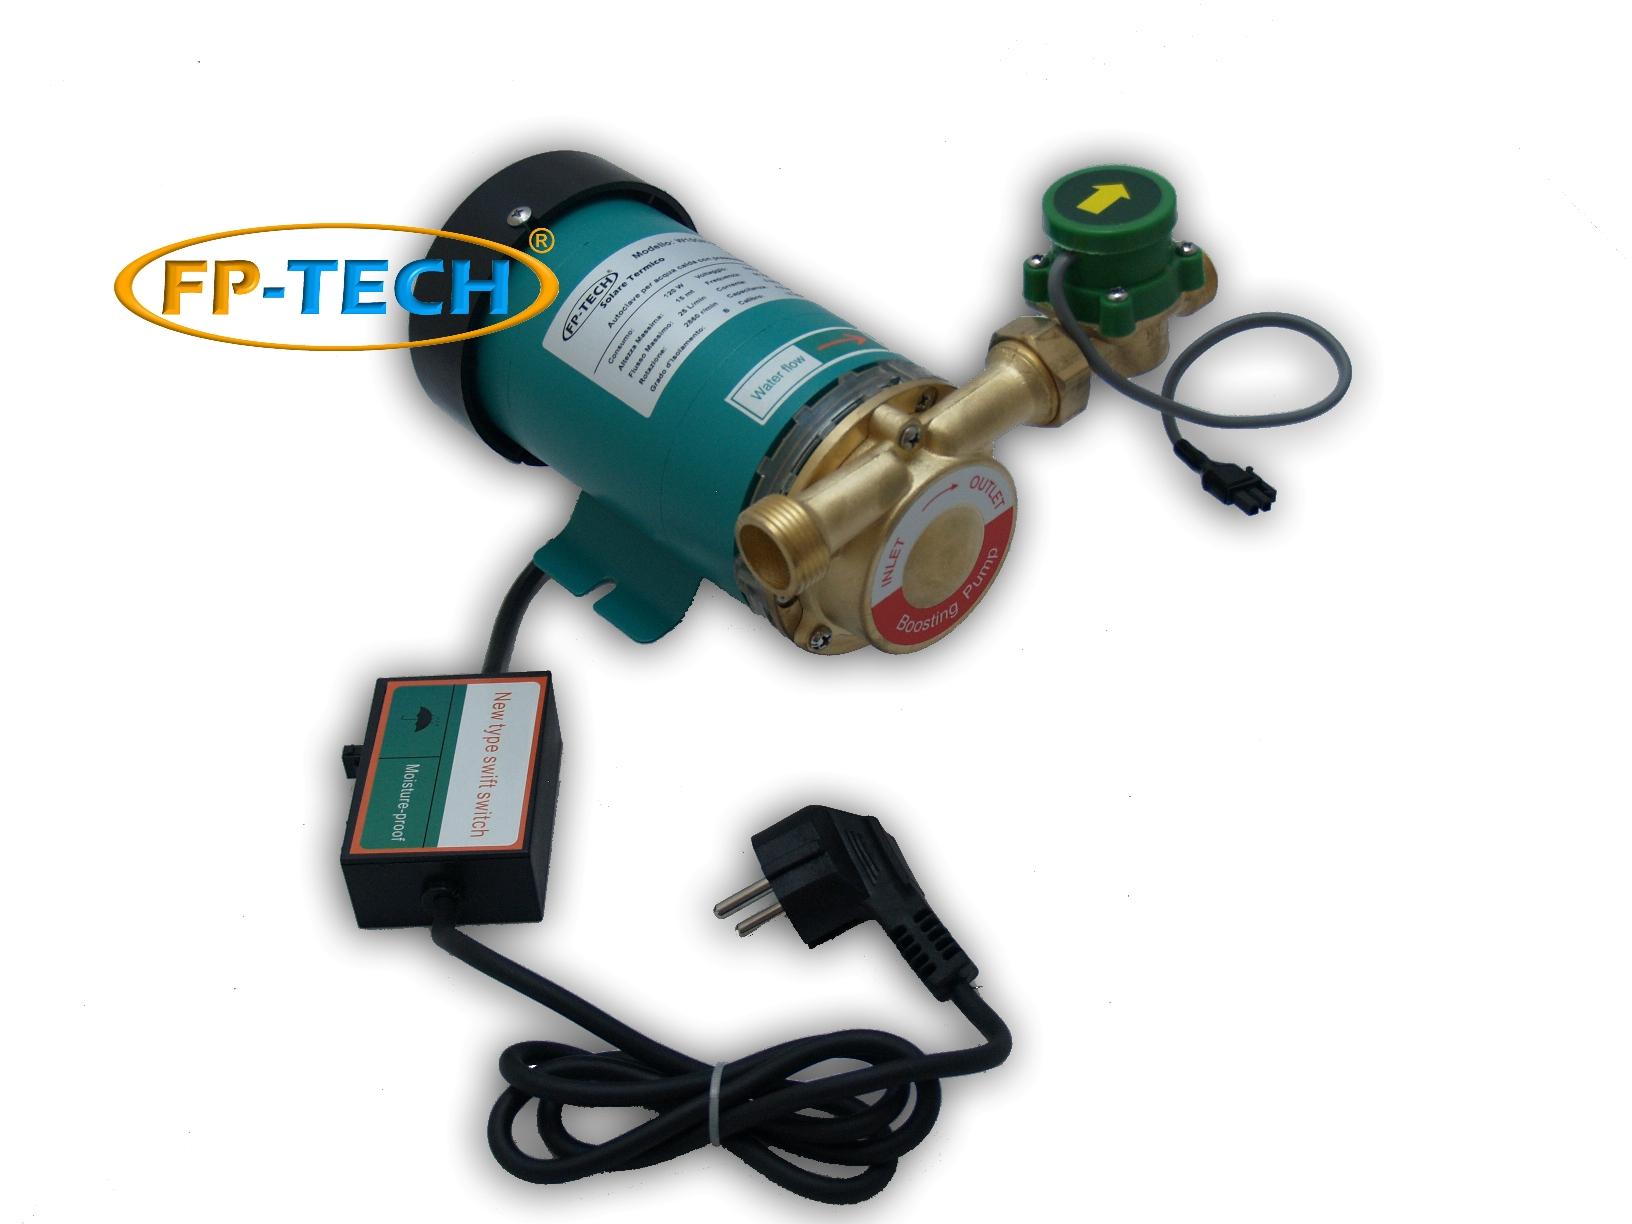 Pannello Solare Per Pompa Pozzo : Autoclave alta temperatura con pressostato per pannello